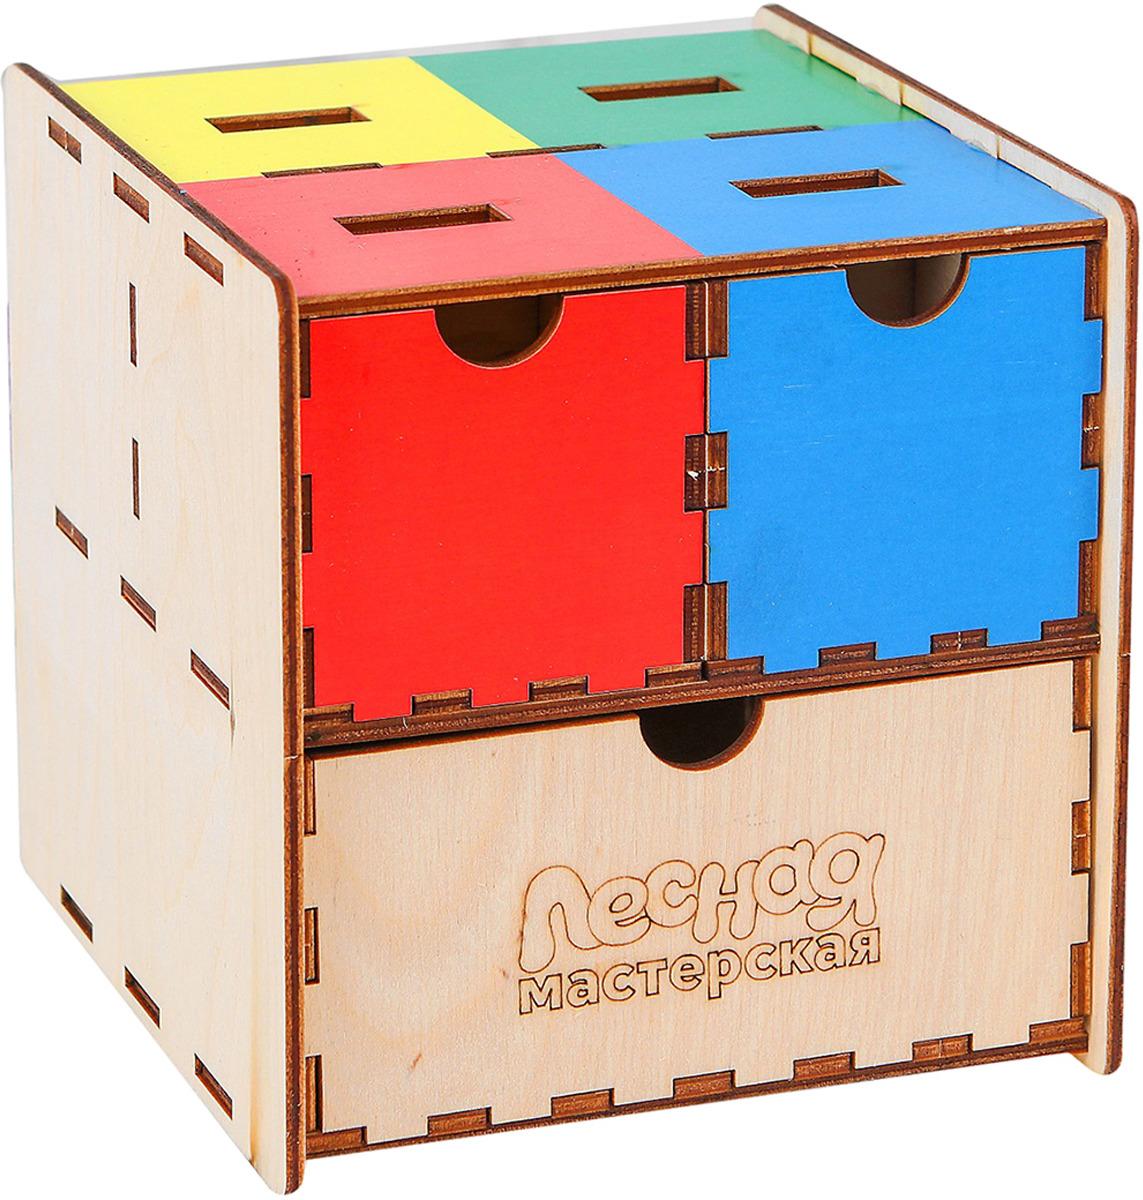 Сортер Лесная мастерская Умный куб, 3740007 сортер польская игрушка лесная школа